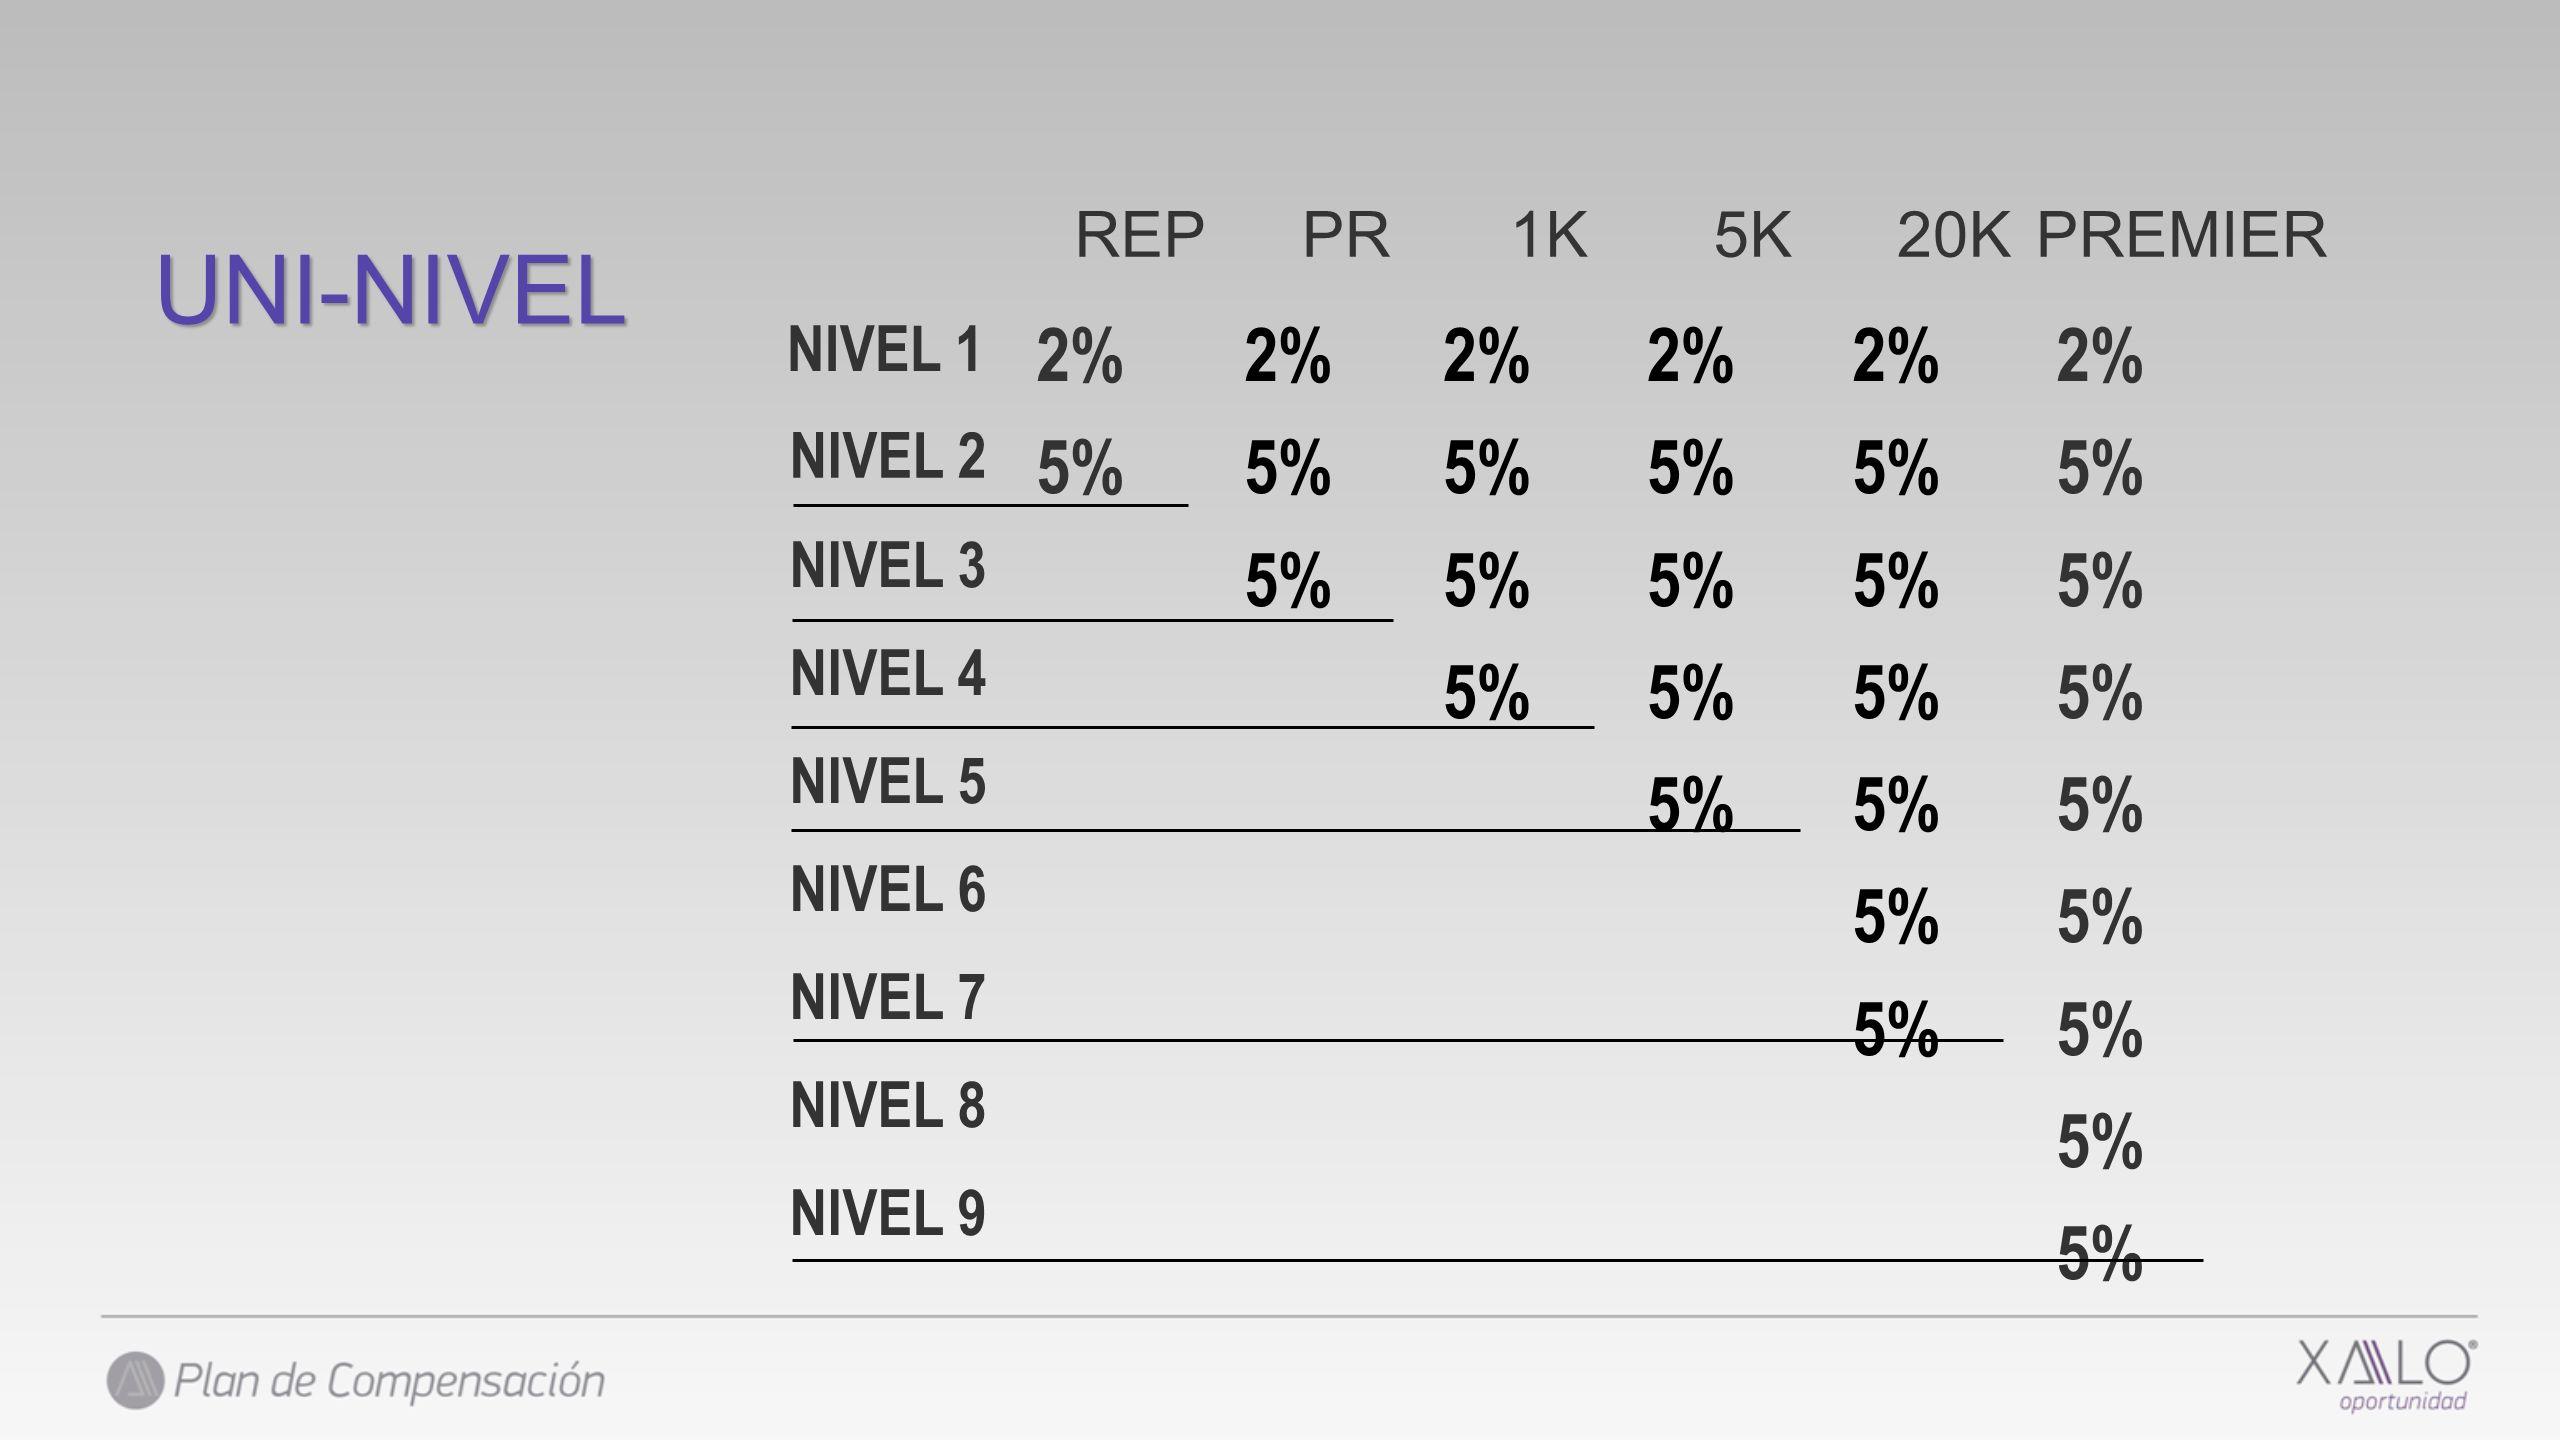 UNI-NIVEL 2% 5% 2% 5% 2% 5% 2% 5% 2% 5% 2% 5% REP PR 1K 5K 20K PREMIER